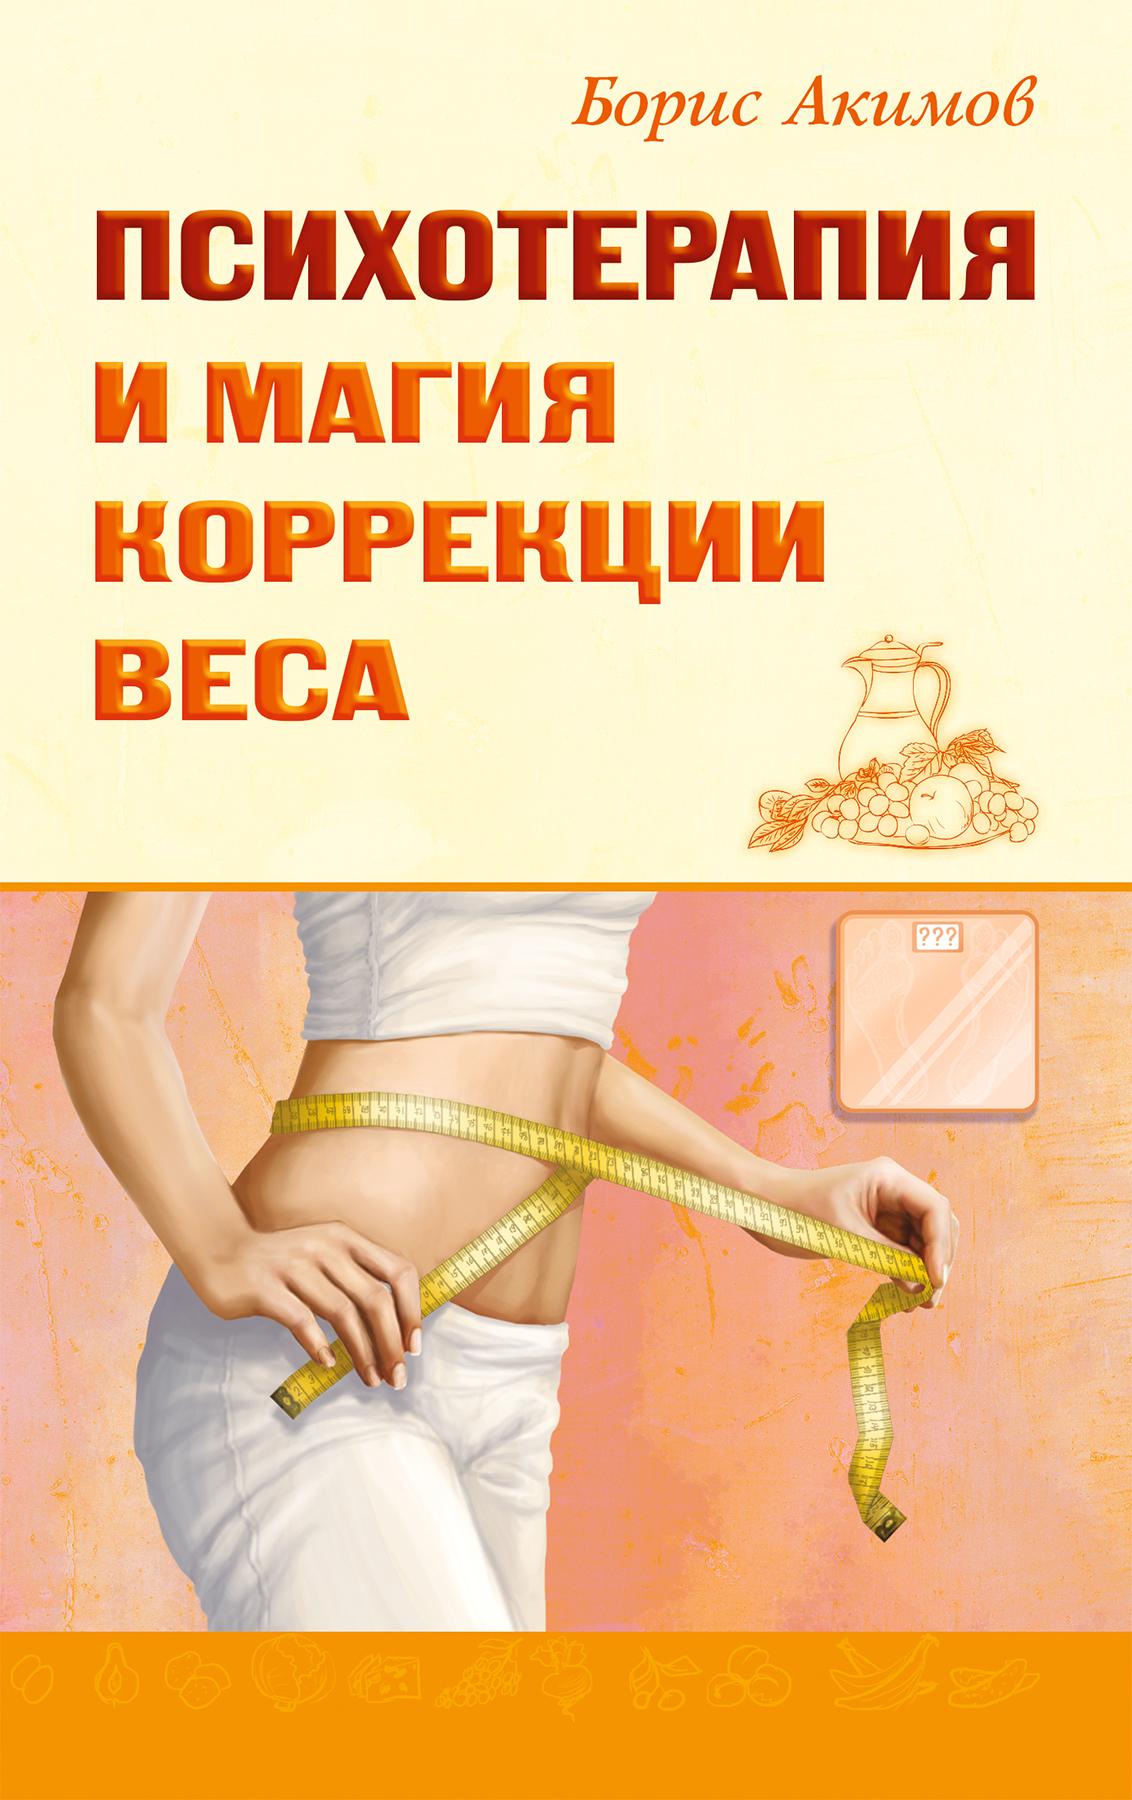 Москва Психотерапевт По Похудению.